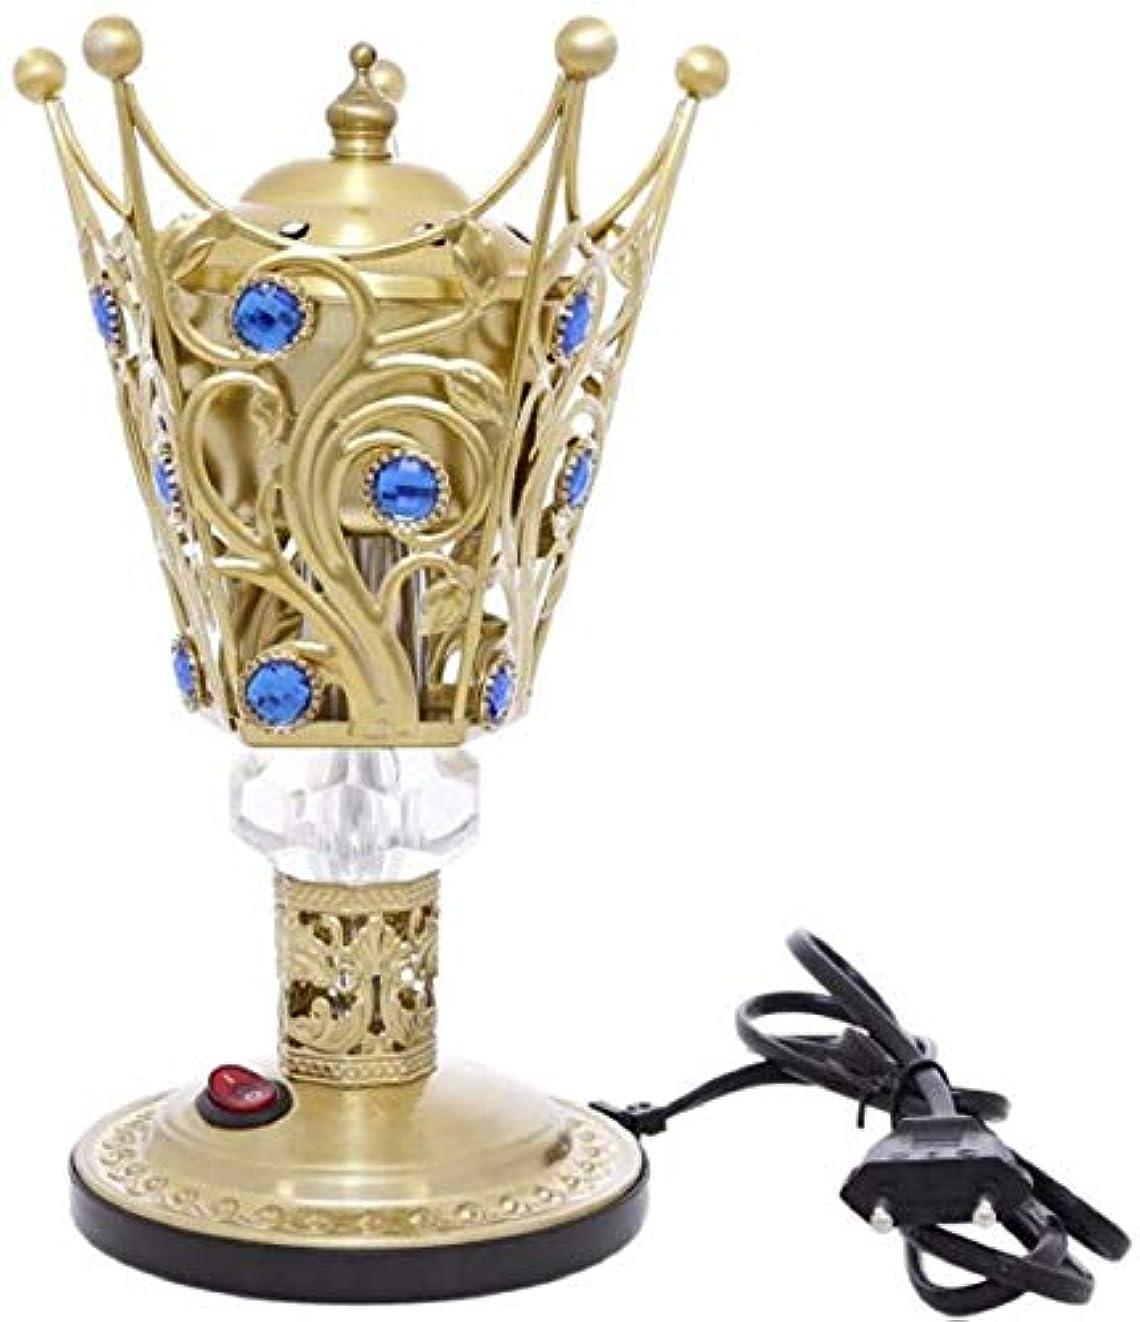 先住民バウンド枕OMG-Deal Electric Bakhoor Burner Electric Incense Burner +Camphor- Oud Resin Frankincense Camphor Positive Energy Gift - WF-027- Golden